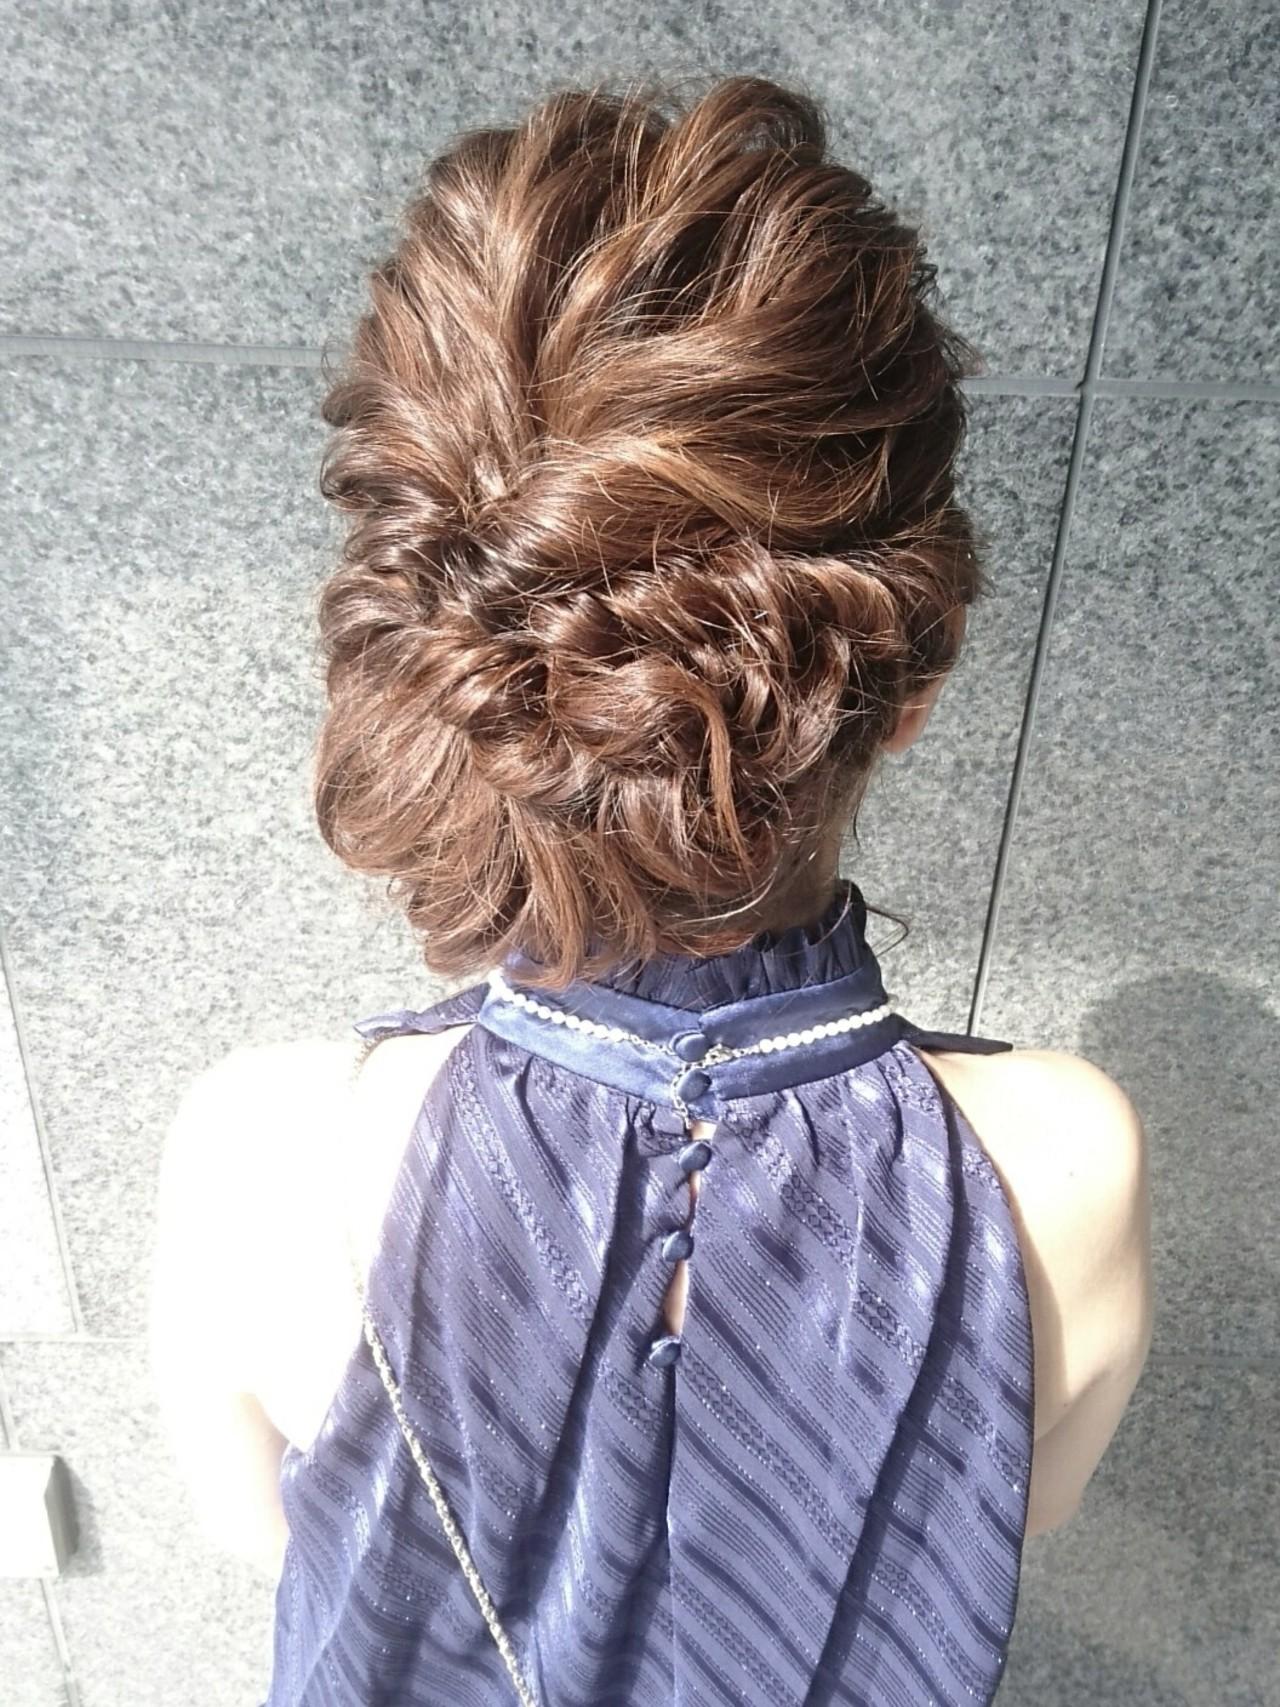 ミディアム ヘアアレンジ 結婚式 フェミニン ヘアスタイルや髪型の写真・画像